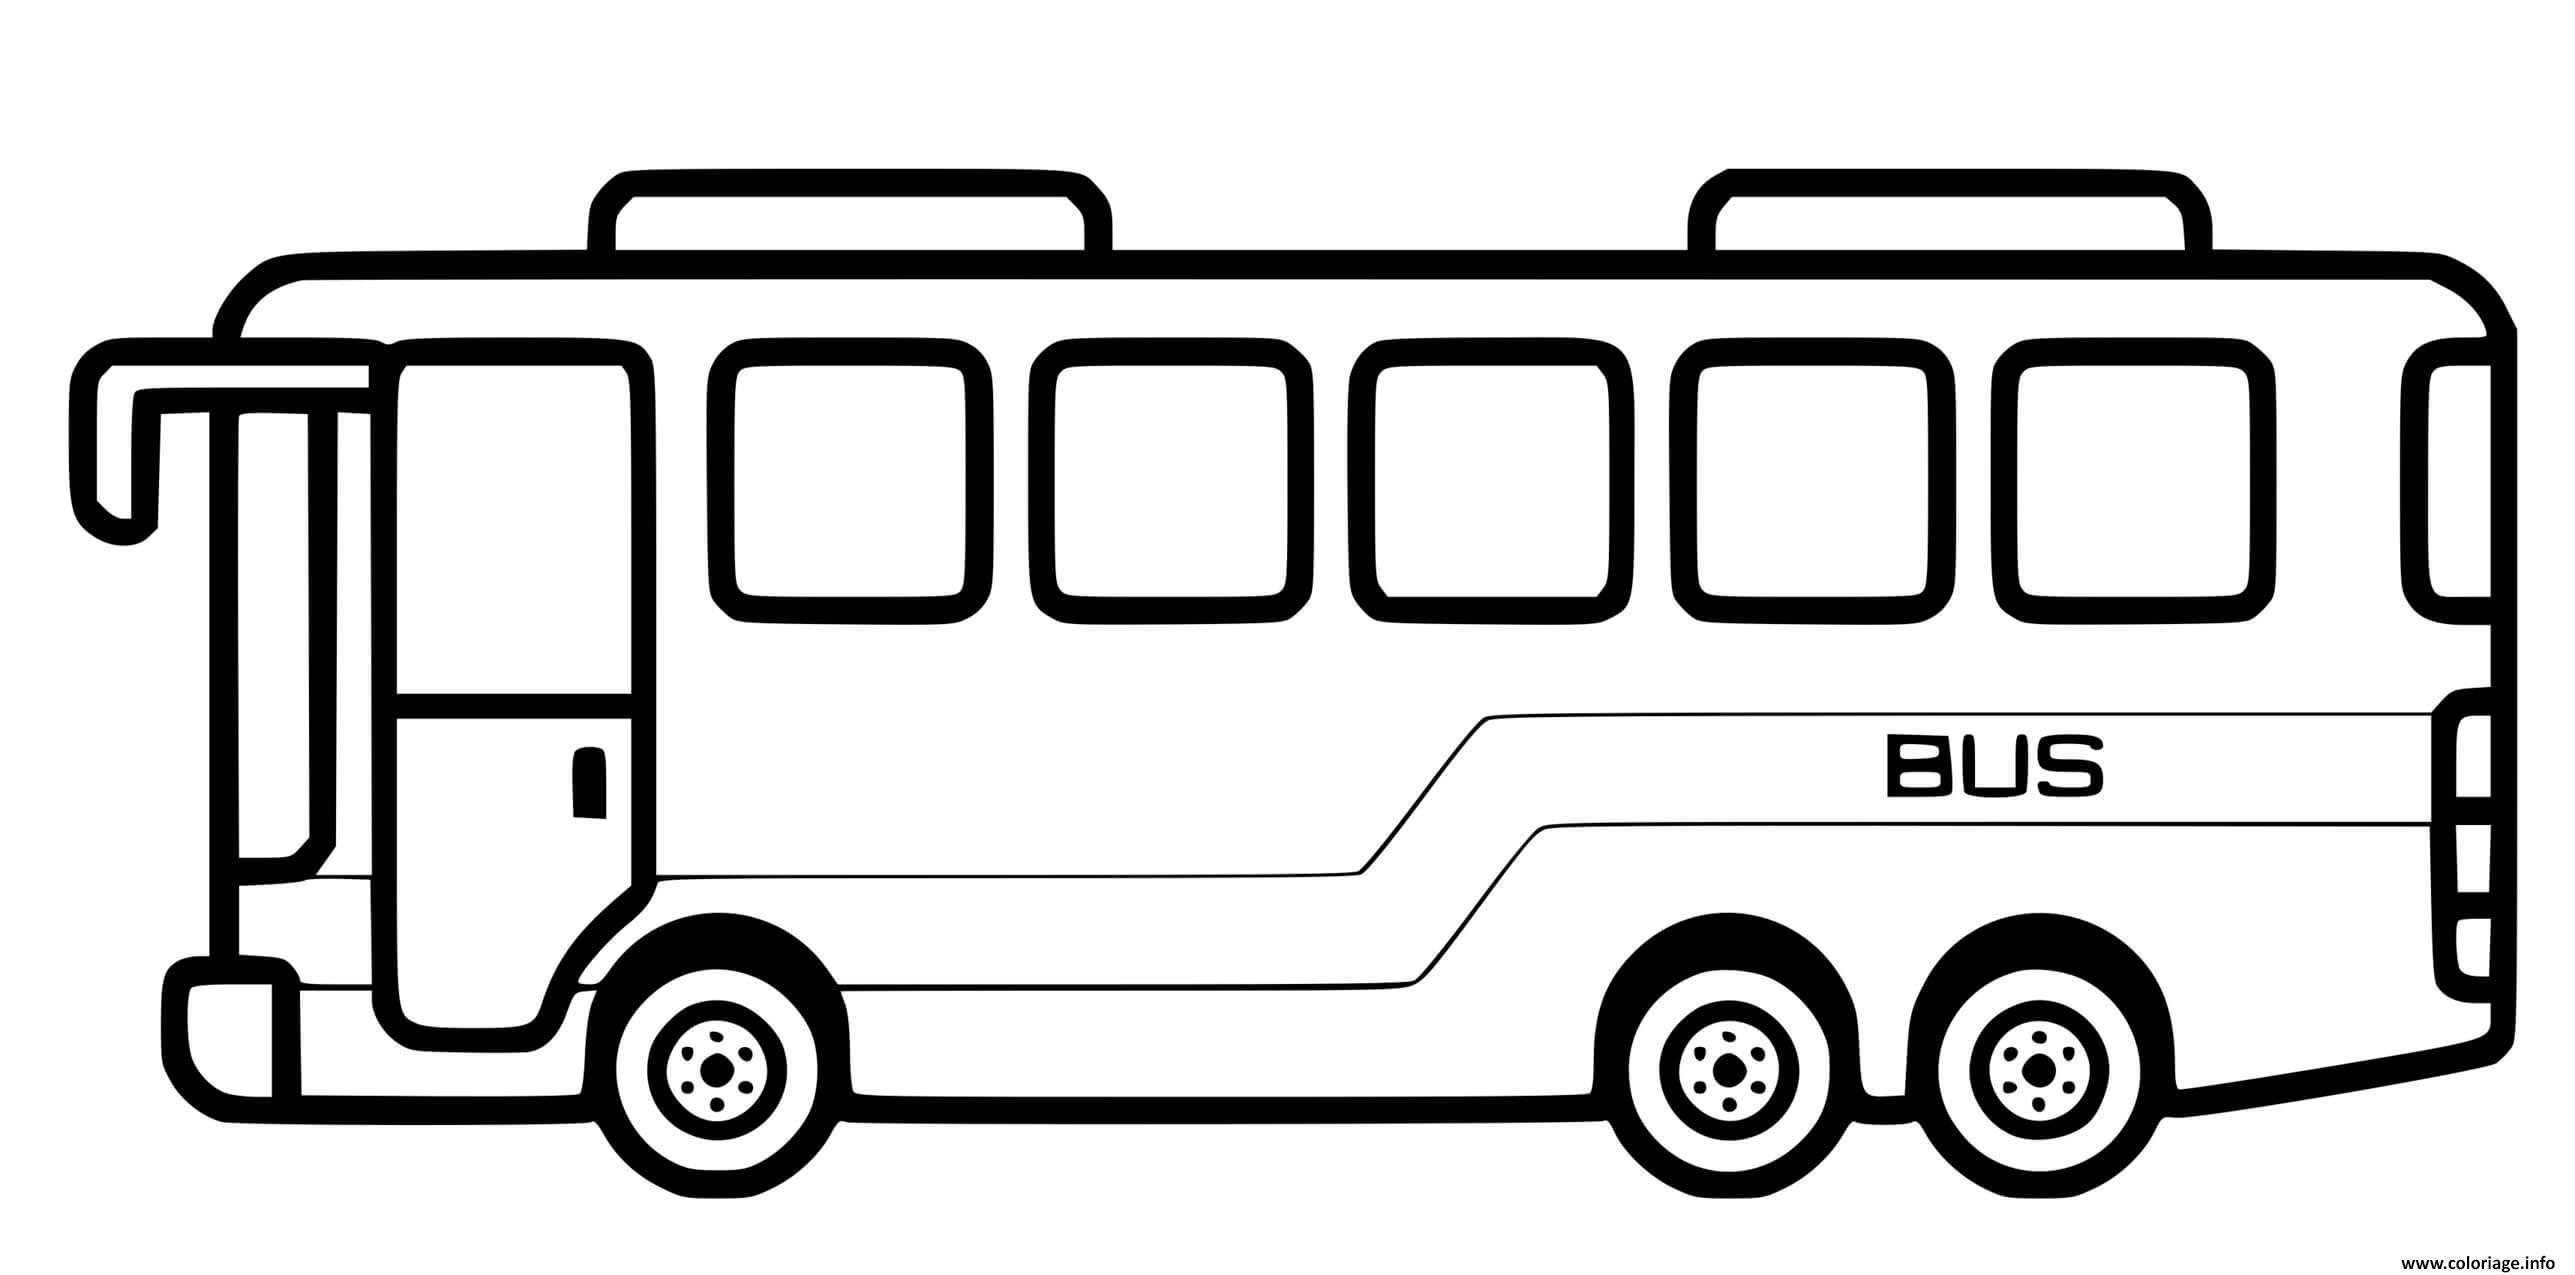 Dessin bus de transport de ville Coloriage Gratuit à Imprimer